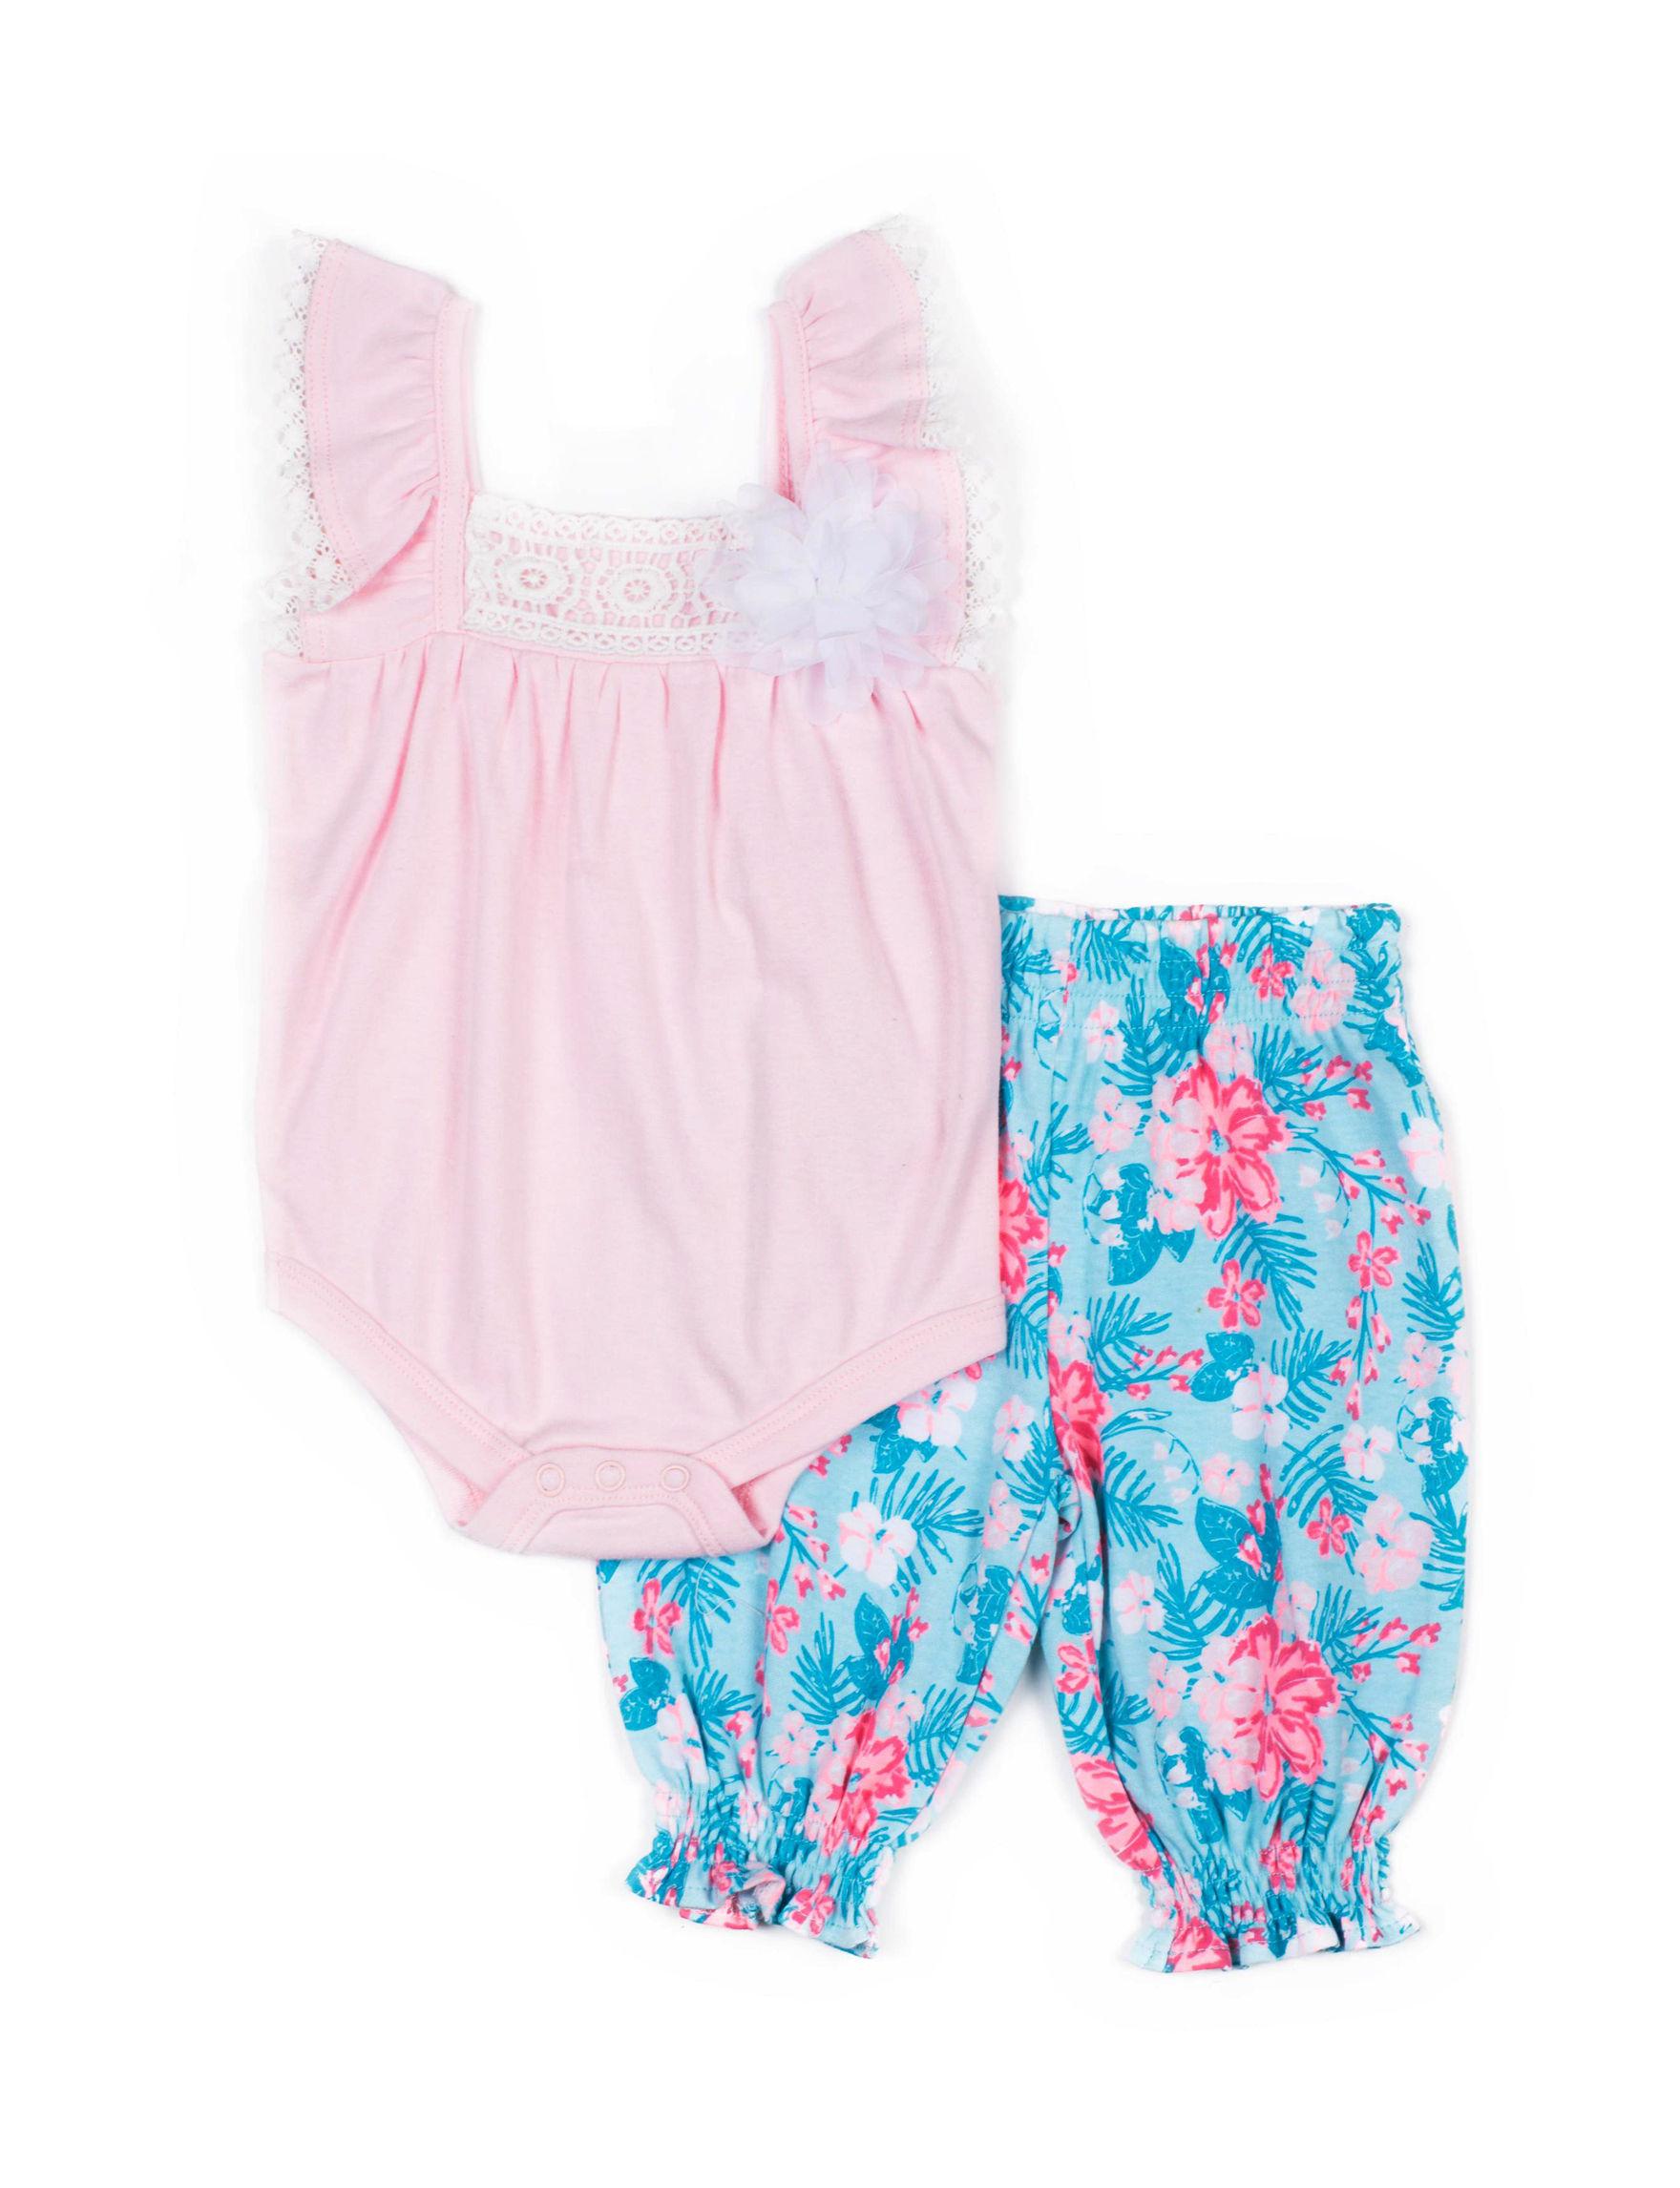 Little Lass Pink / Blue Floral